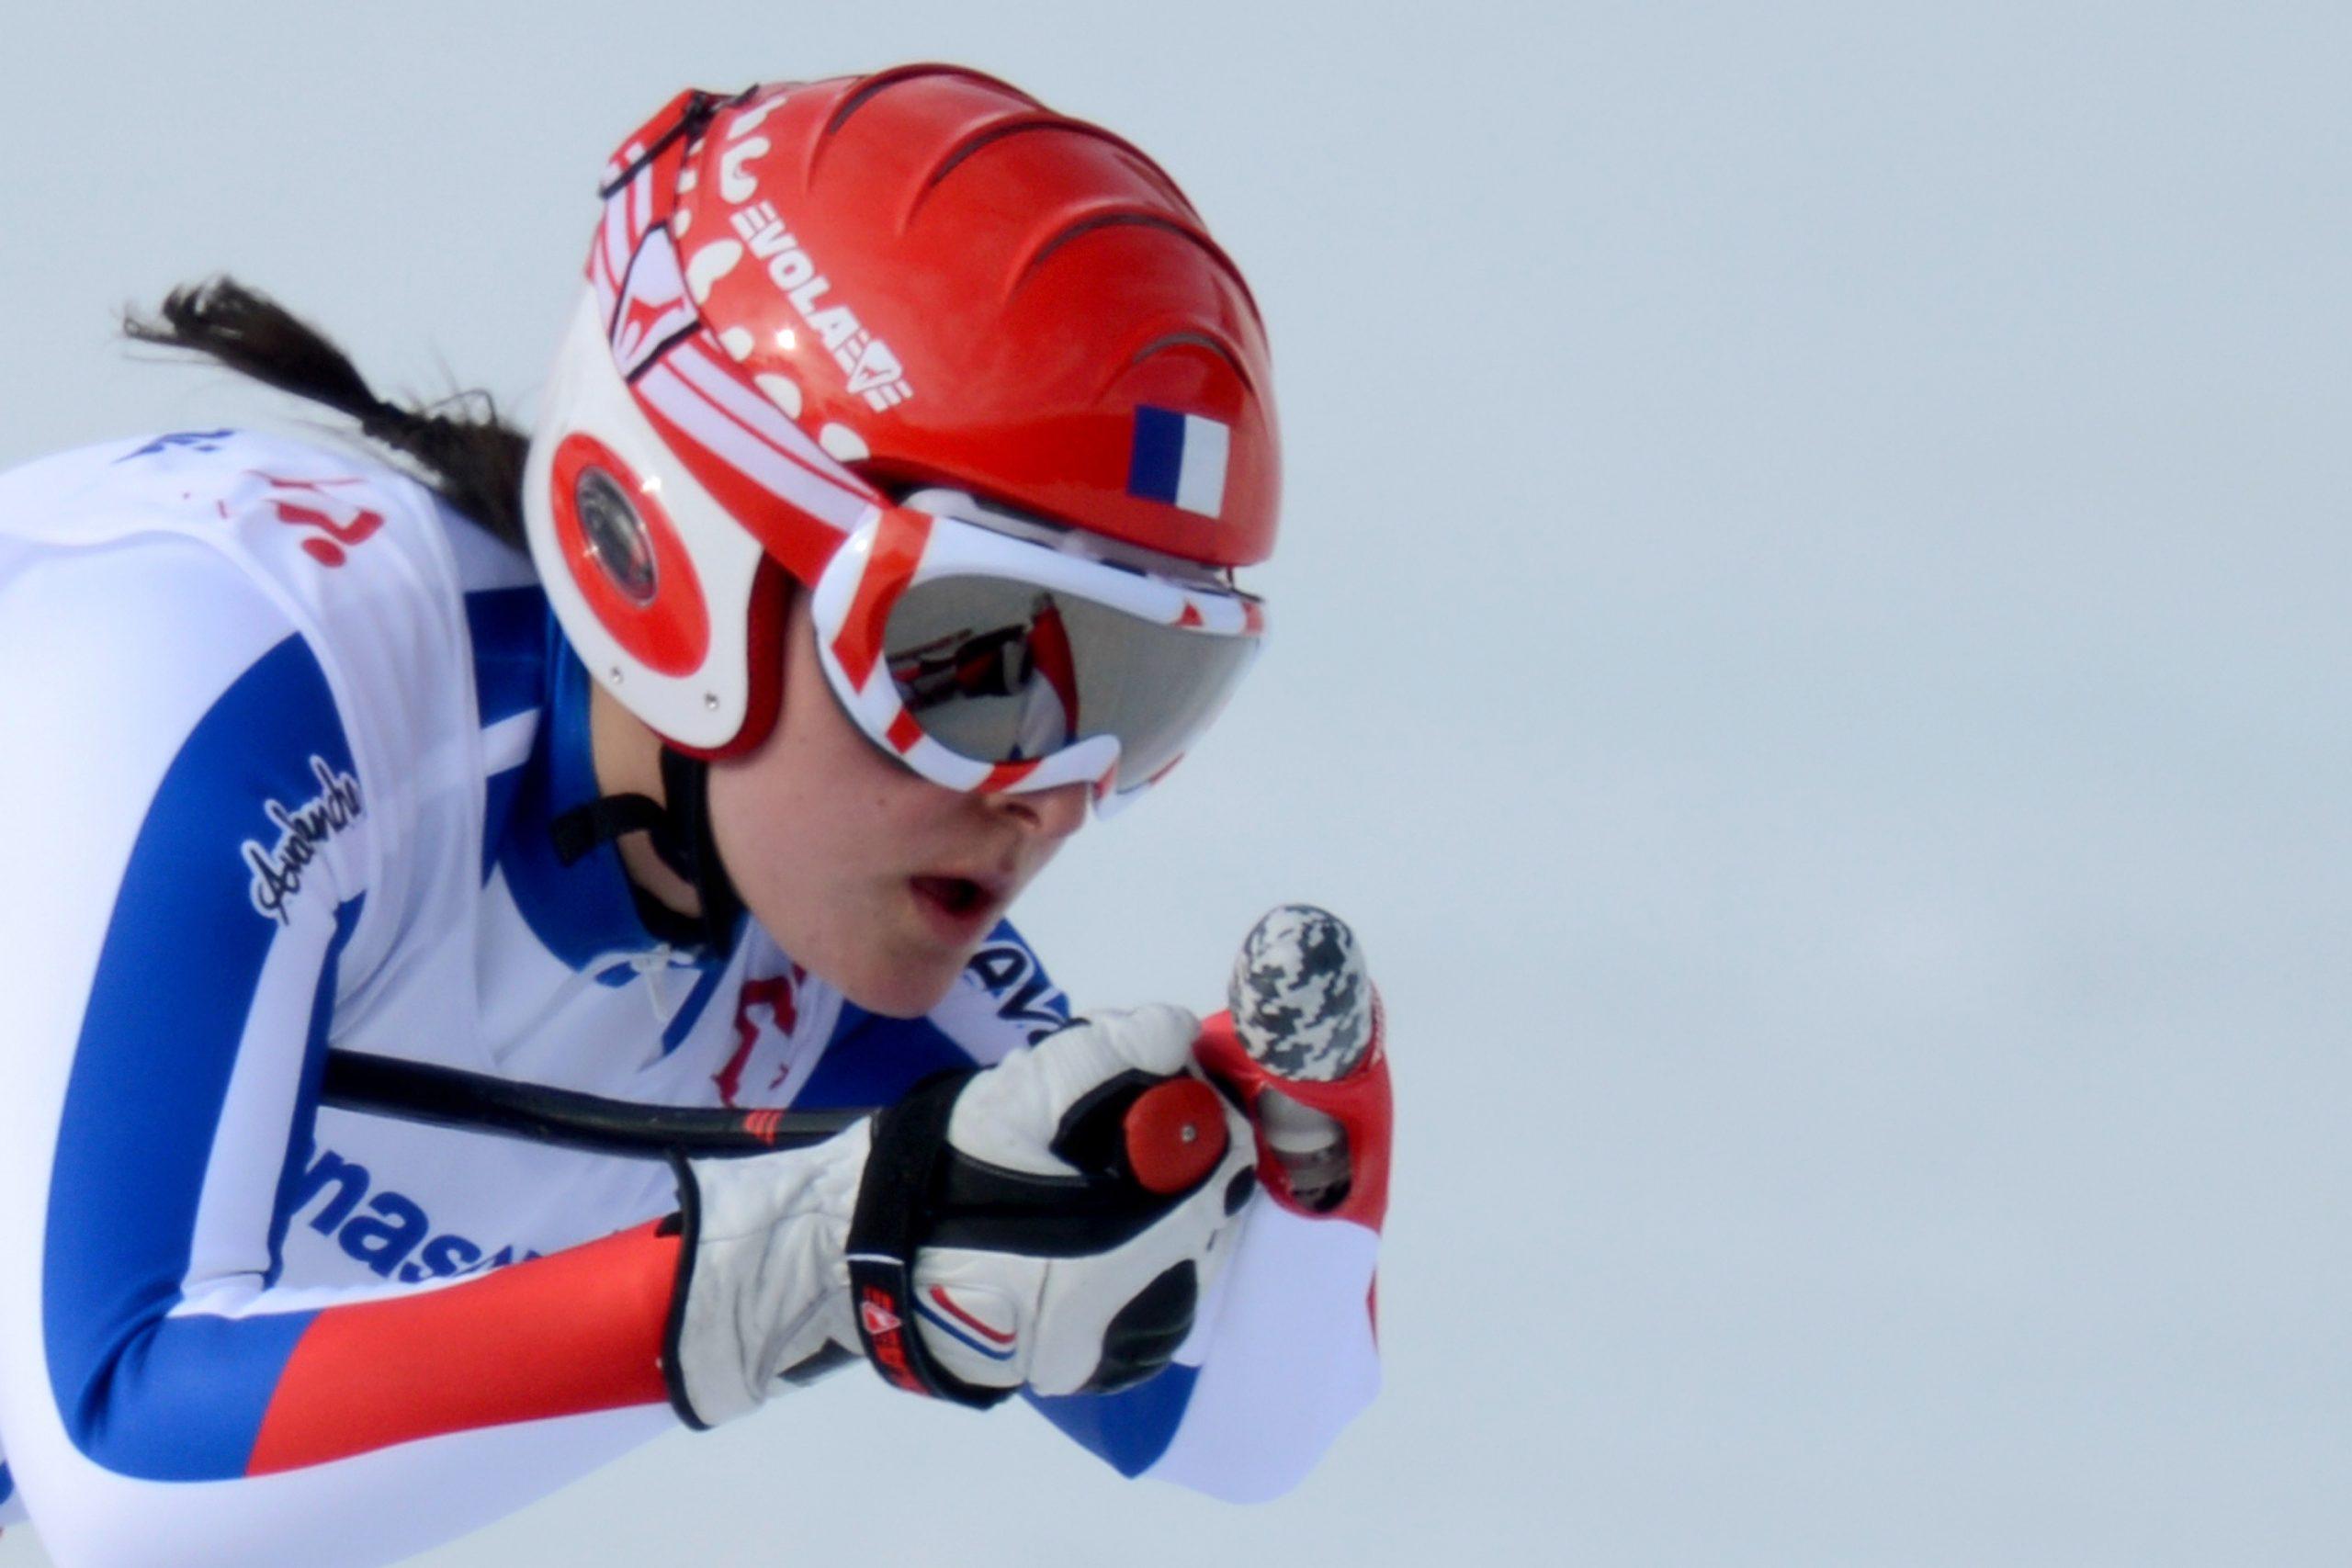 Jeux Paralympiques : Deux Jours De Compétition, Trois pour Jeux De Compétition